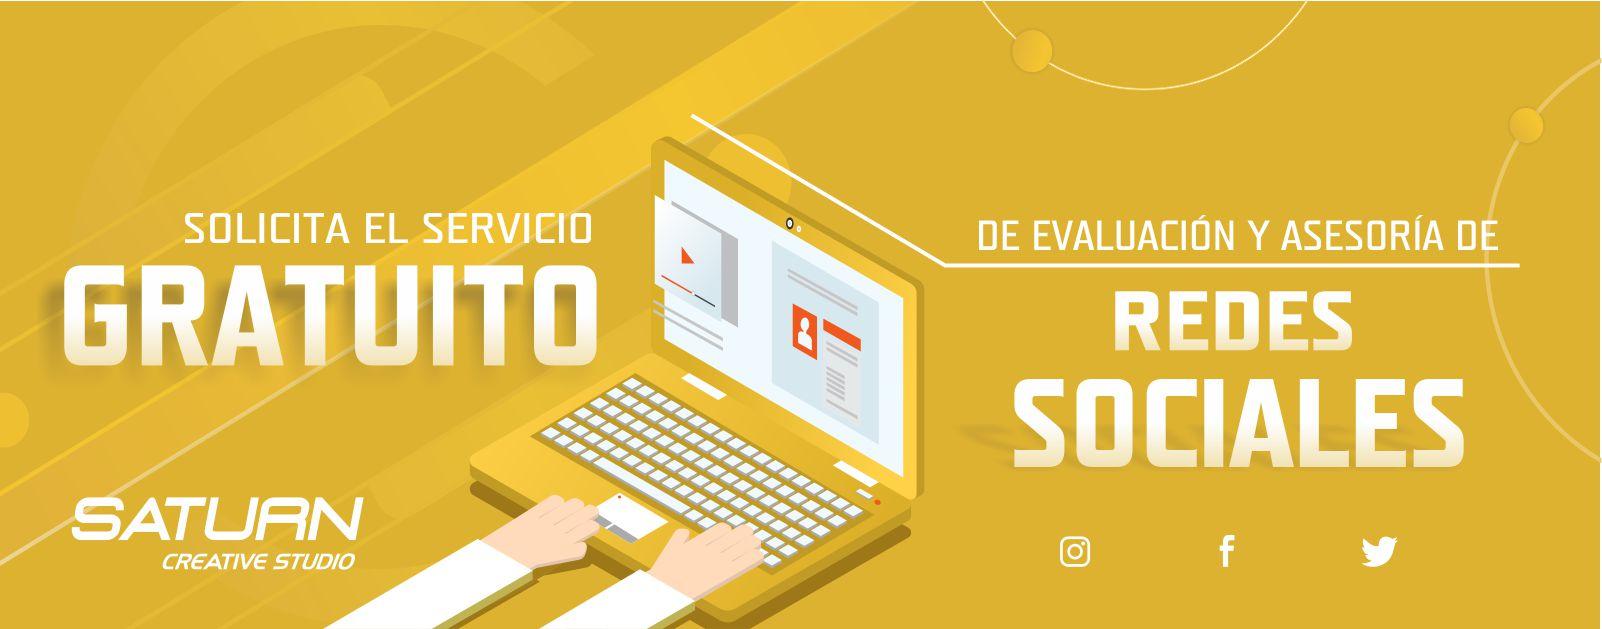 evalucion de redes sociales gratis